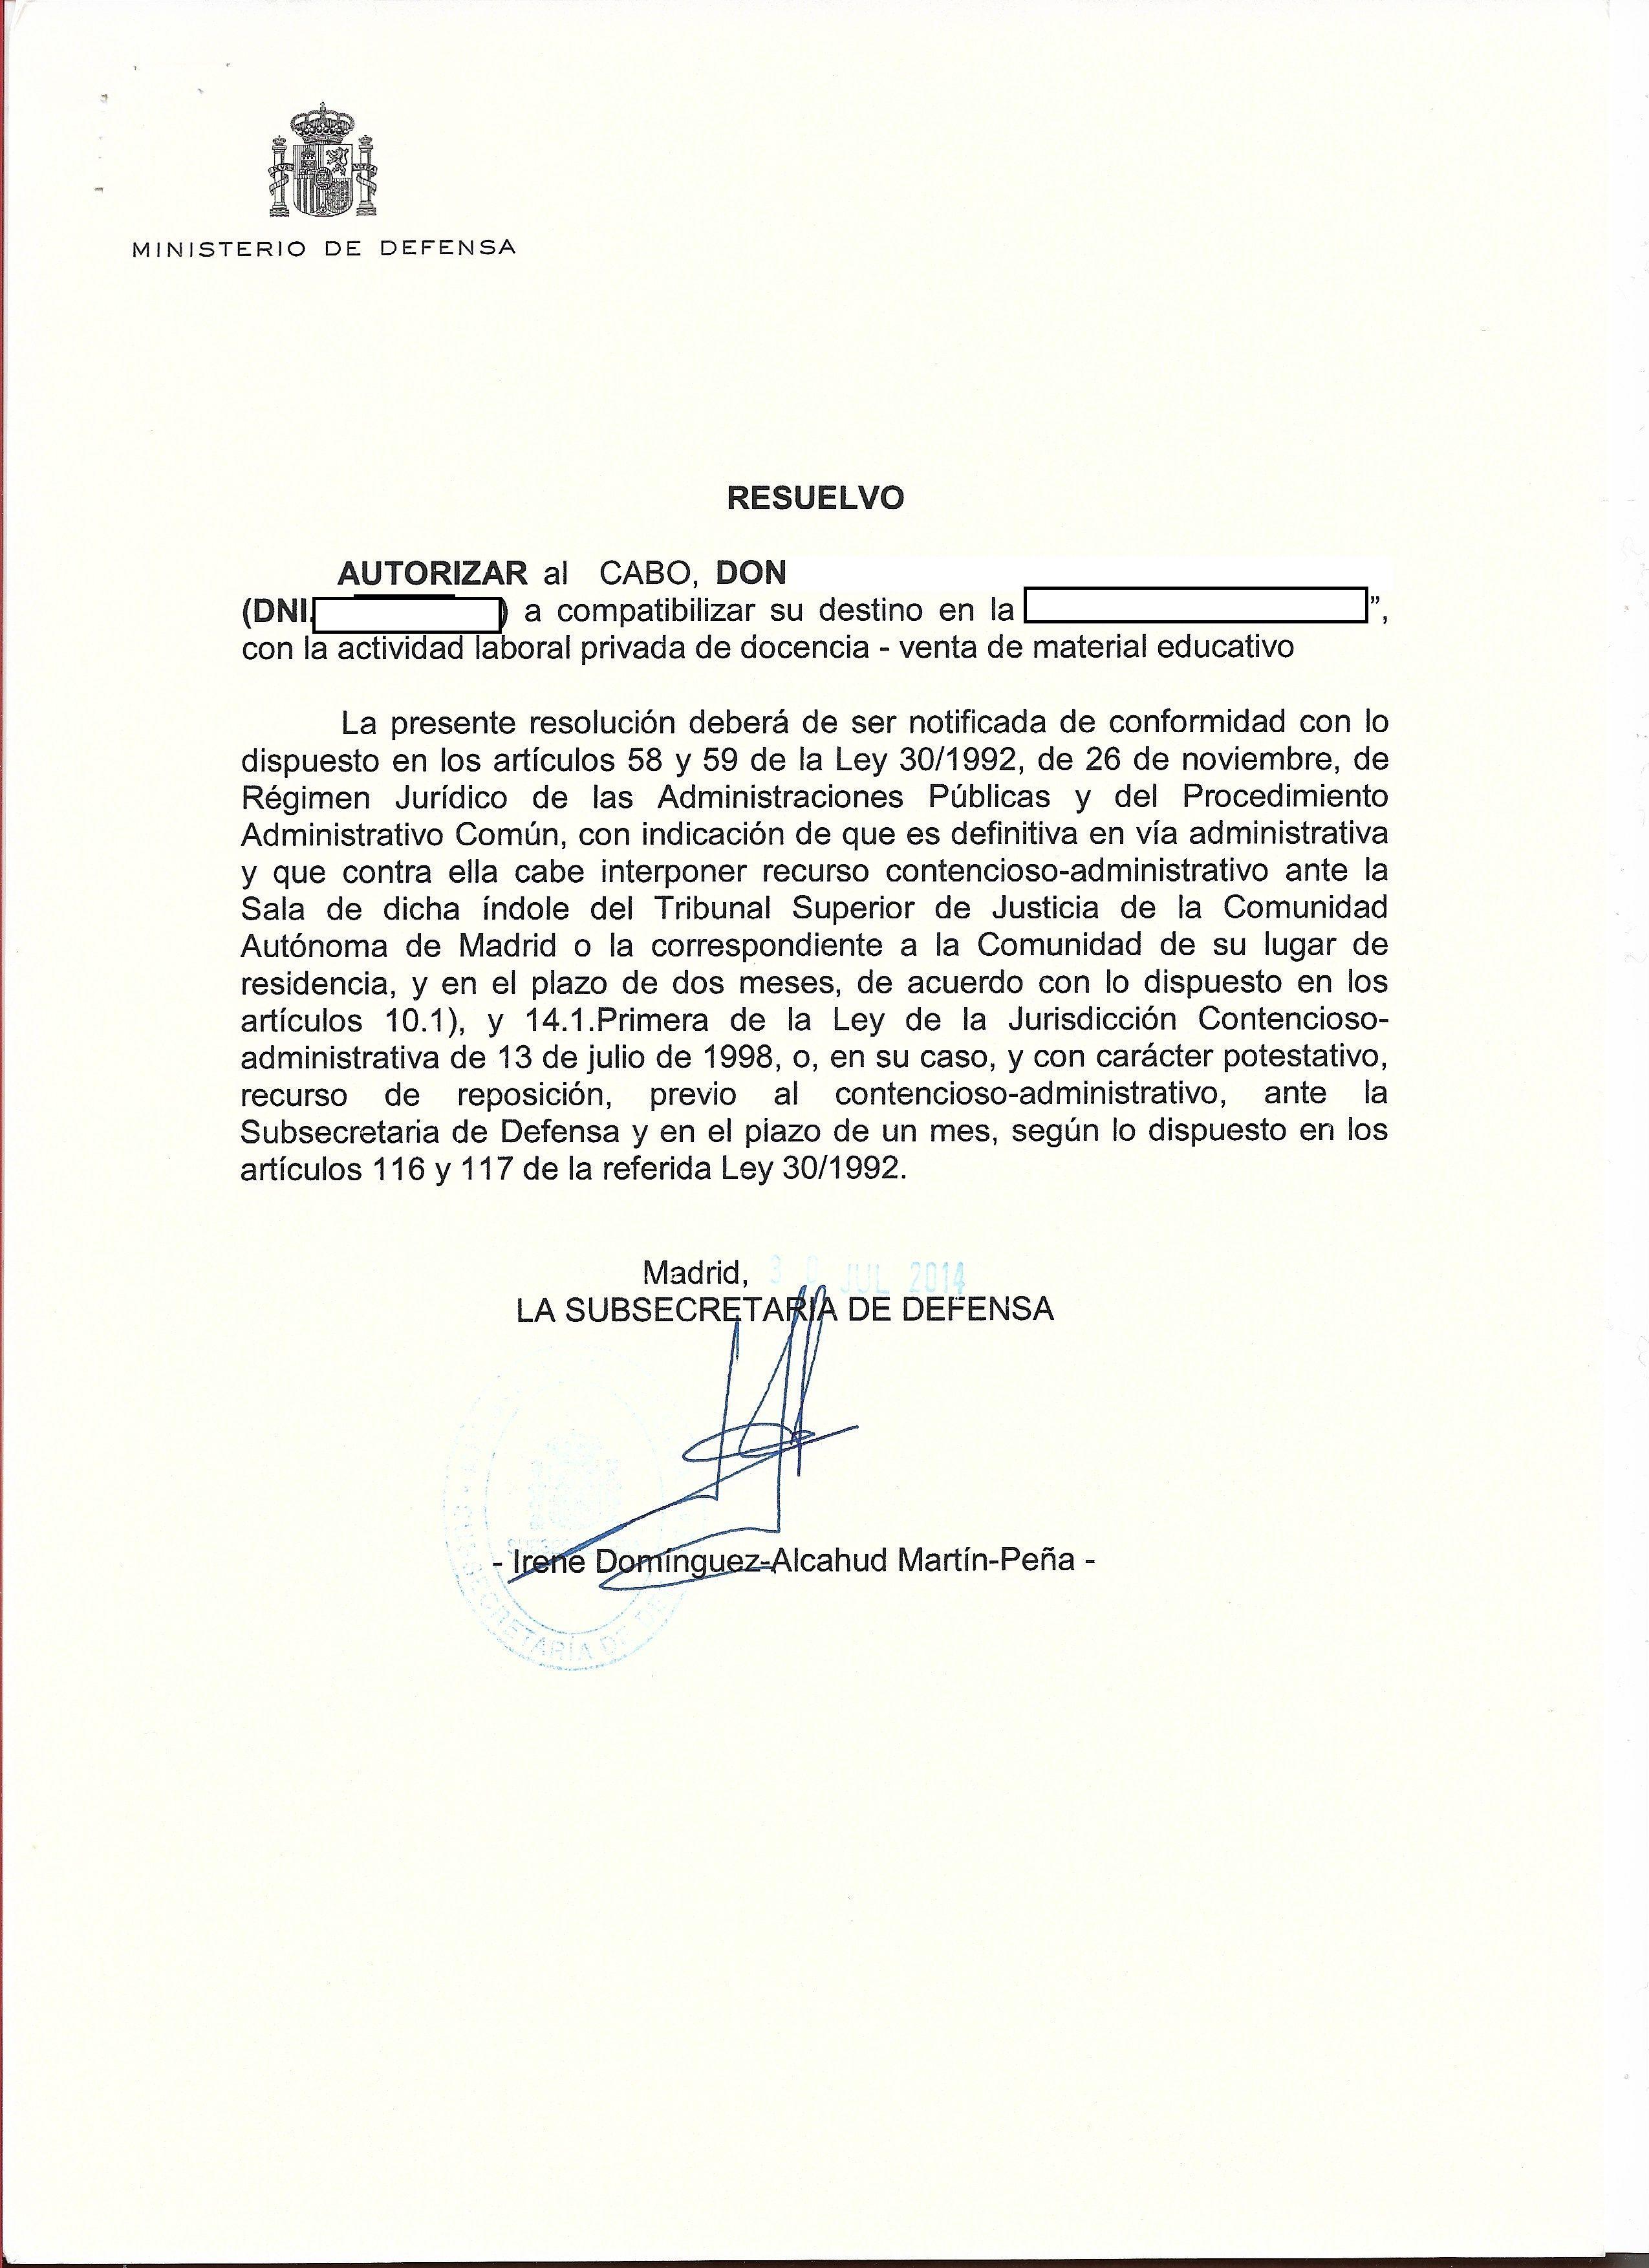 MILCOM / TROPA PERMANENTE   sermilitar.com - Acceso a Escalas de ...